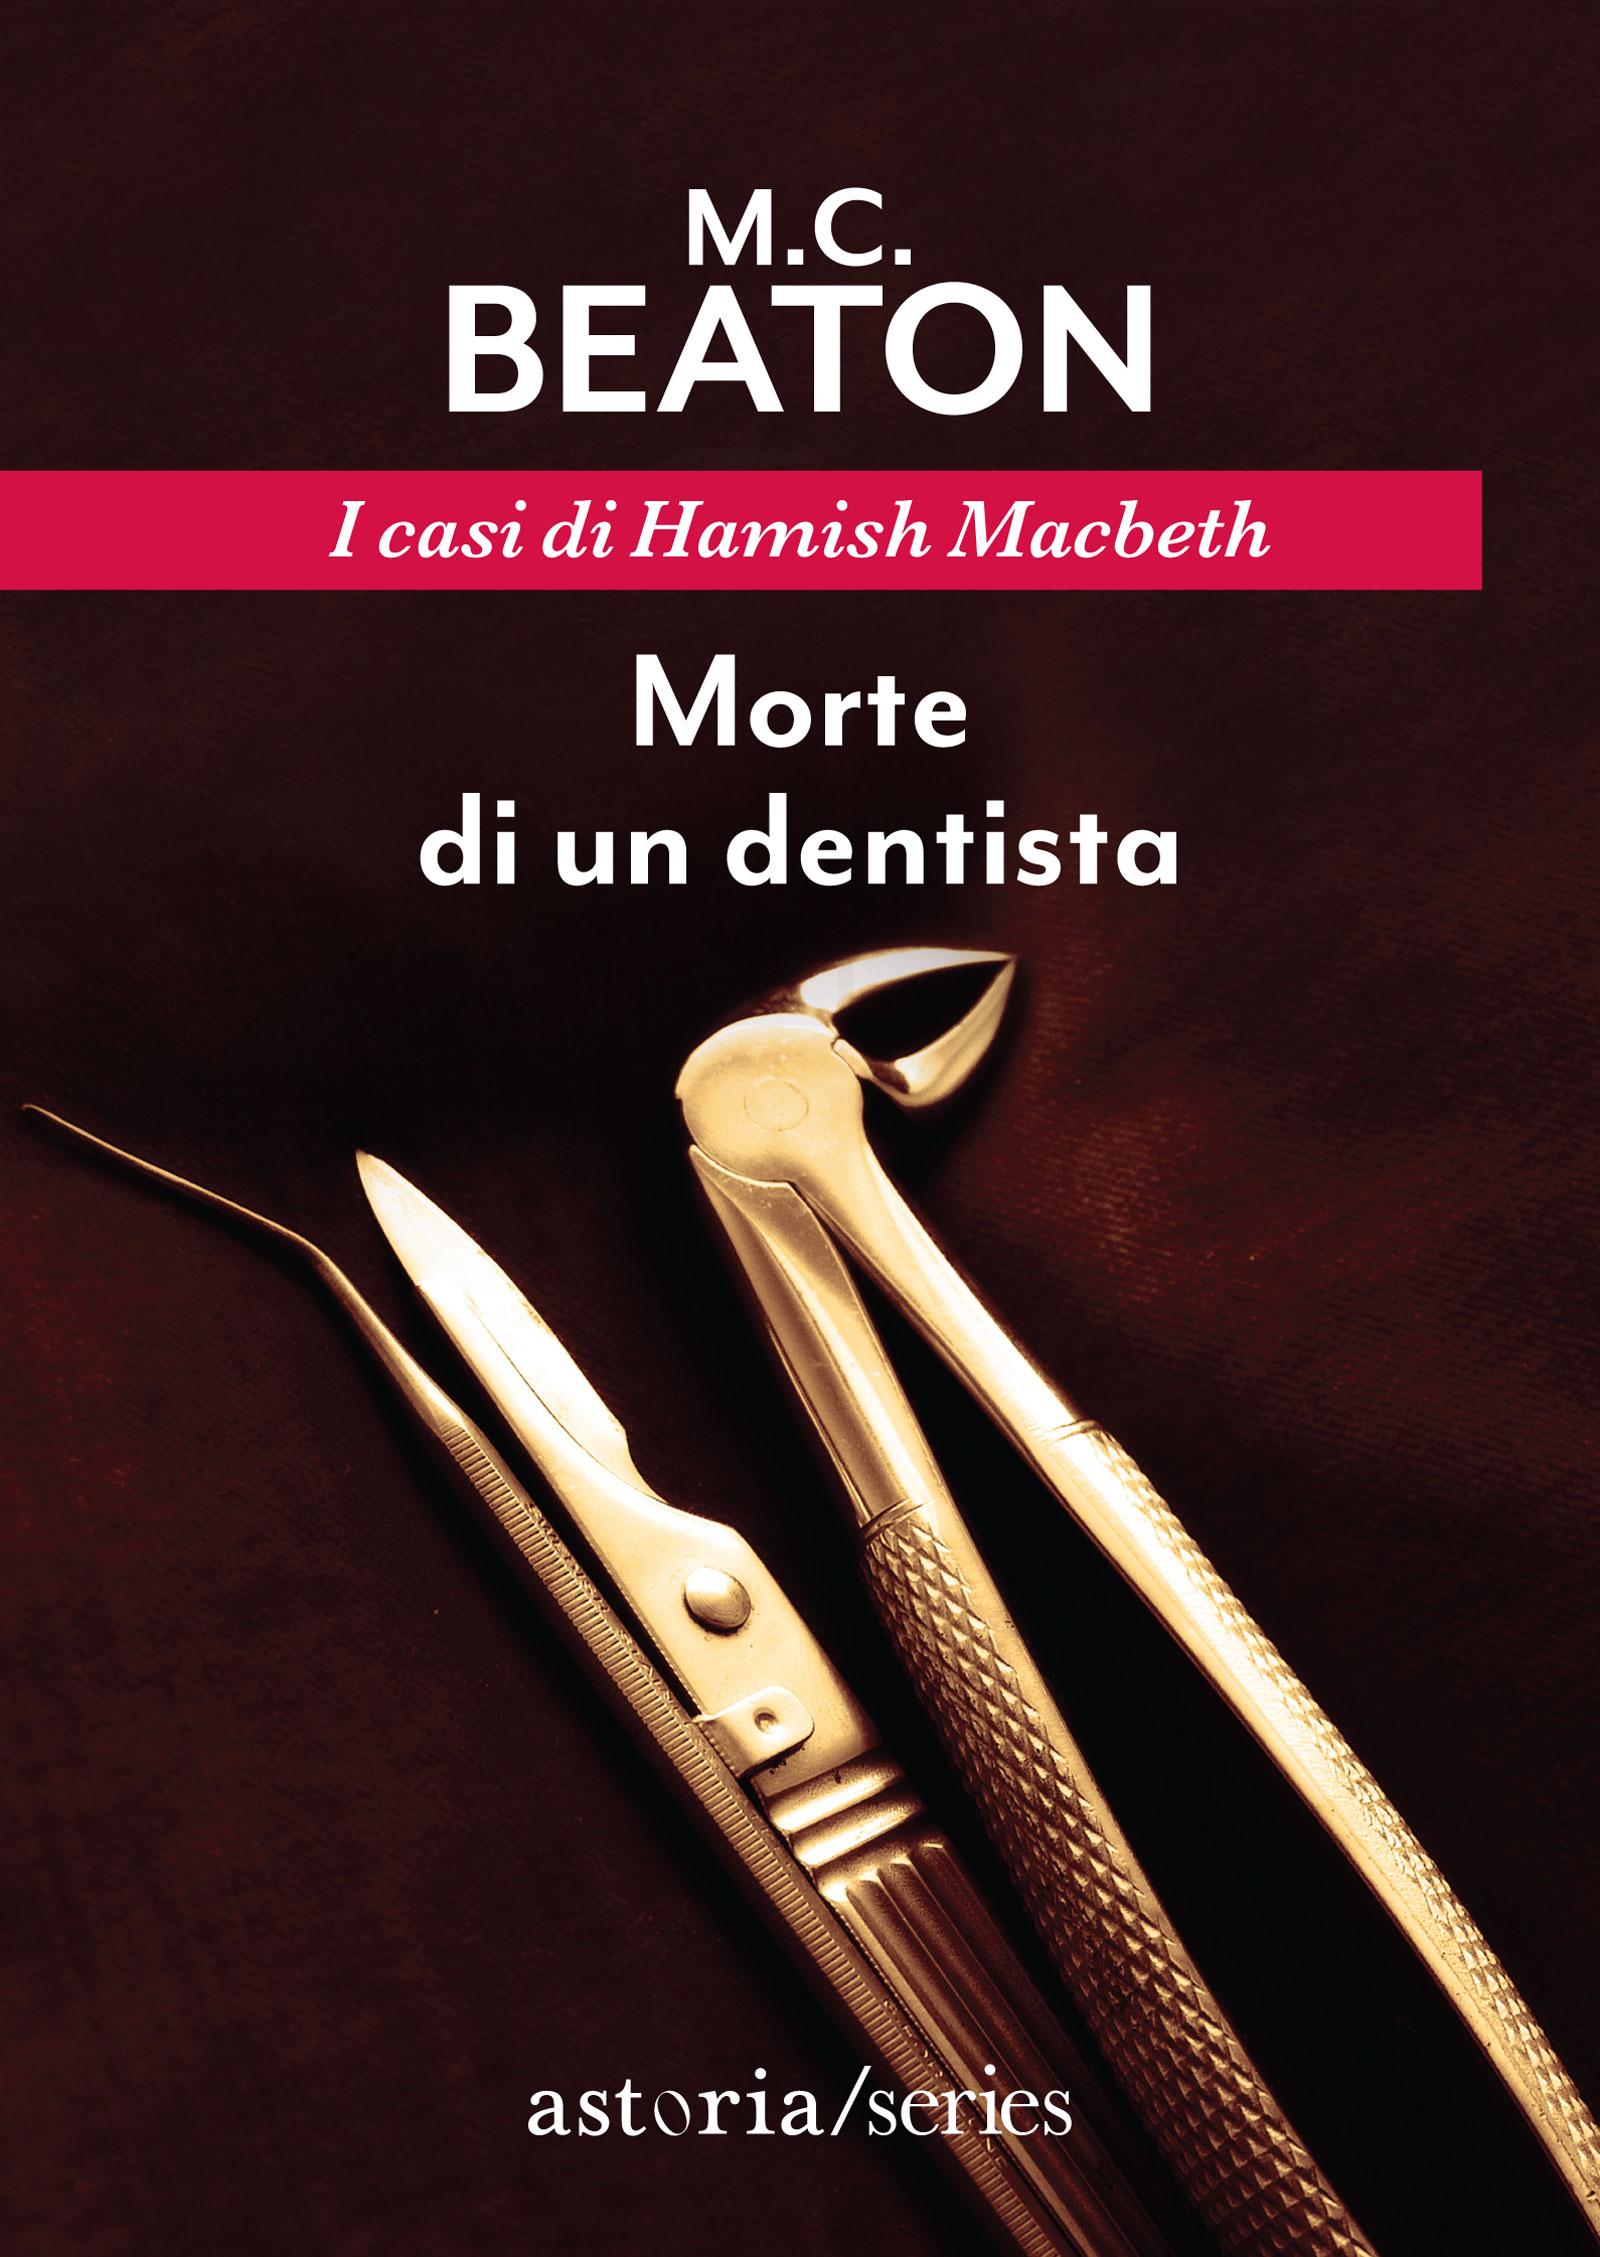 M.C. Beaton  Morte di un dentista